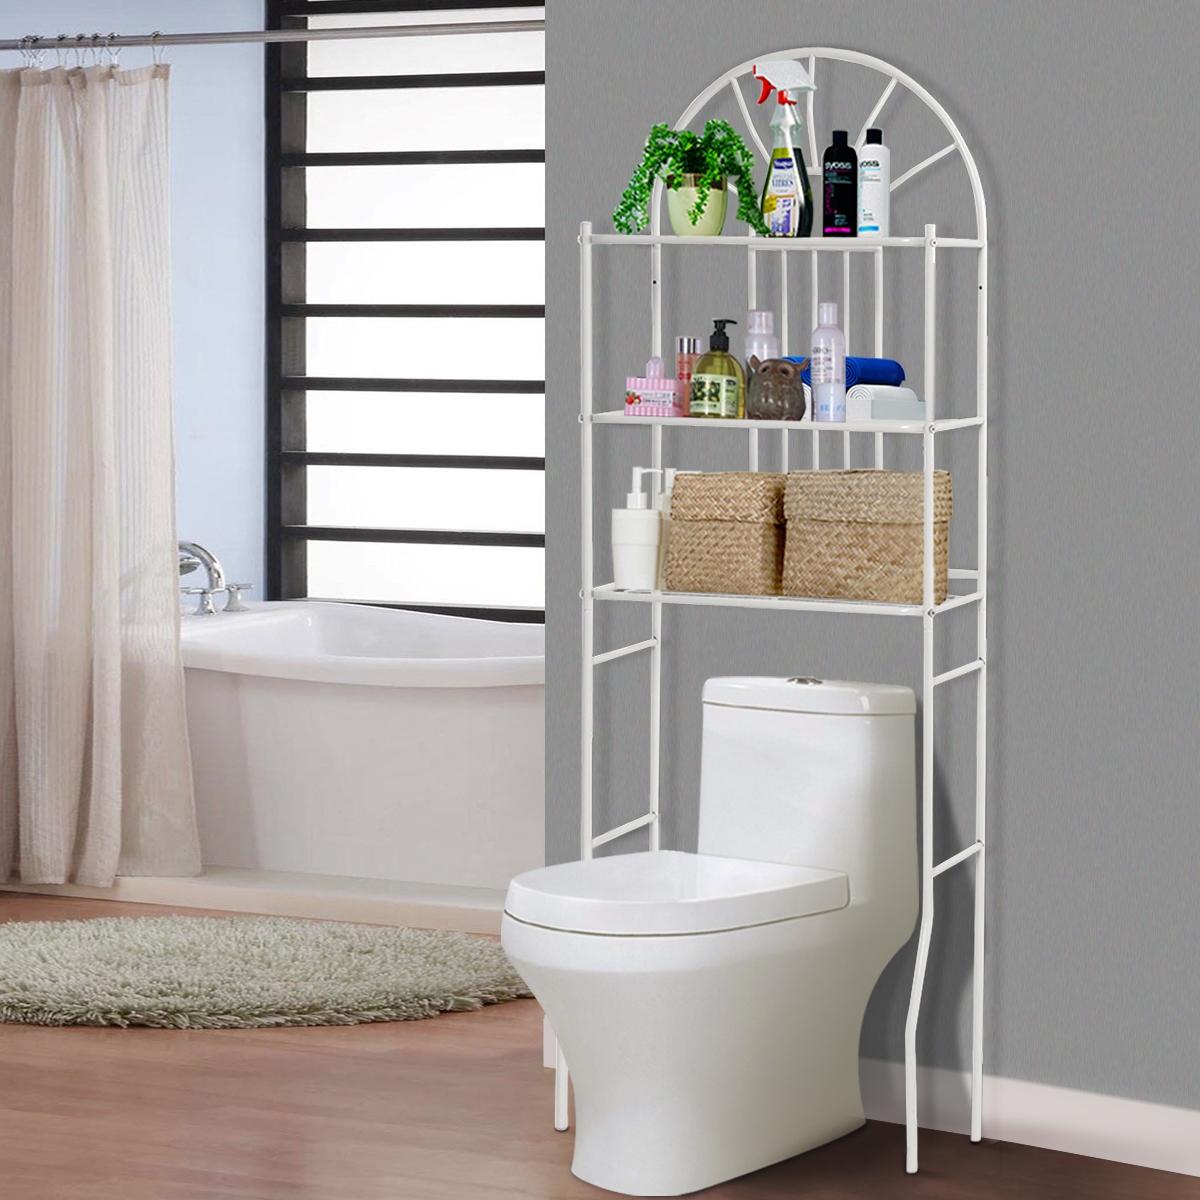 Costway Scaffale a 3 ripiani in metallo sopra il WC Mobiletto mensole da bagno 173x33x59cm Bianco